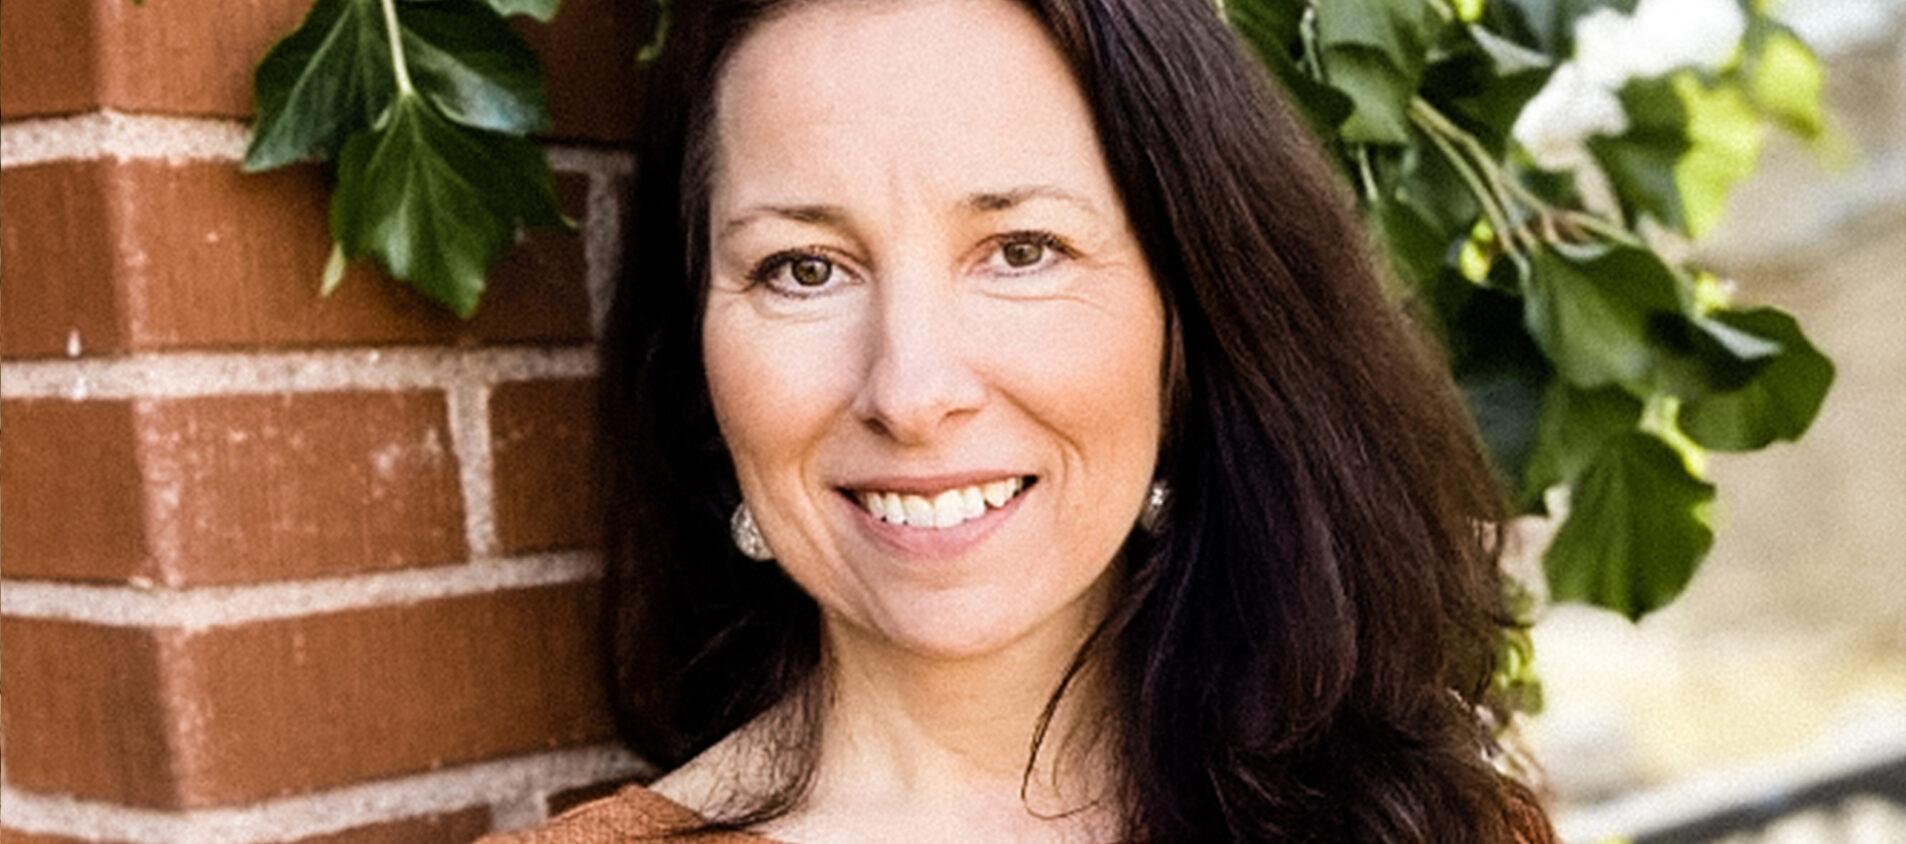 Ann-Sophie Palmér som har arbetat har arbetat med familjehem förklarar hur det fungerar med familjehem.